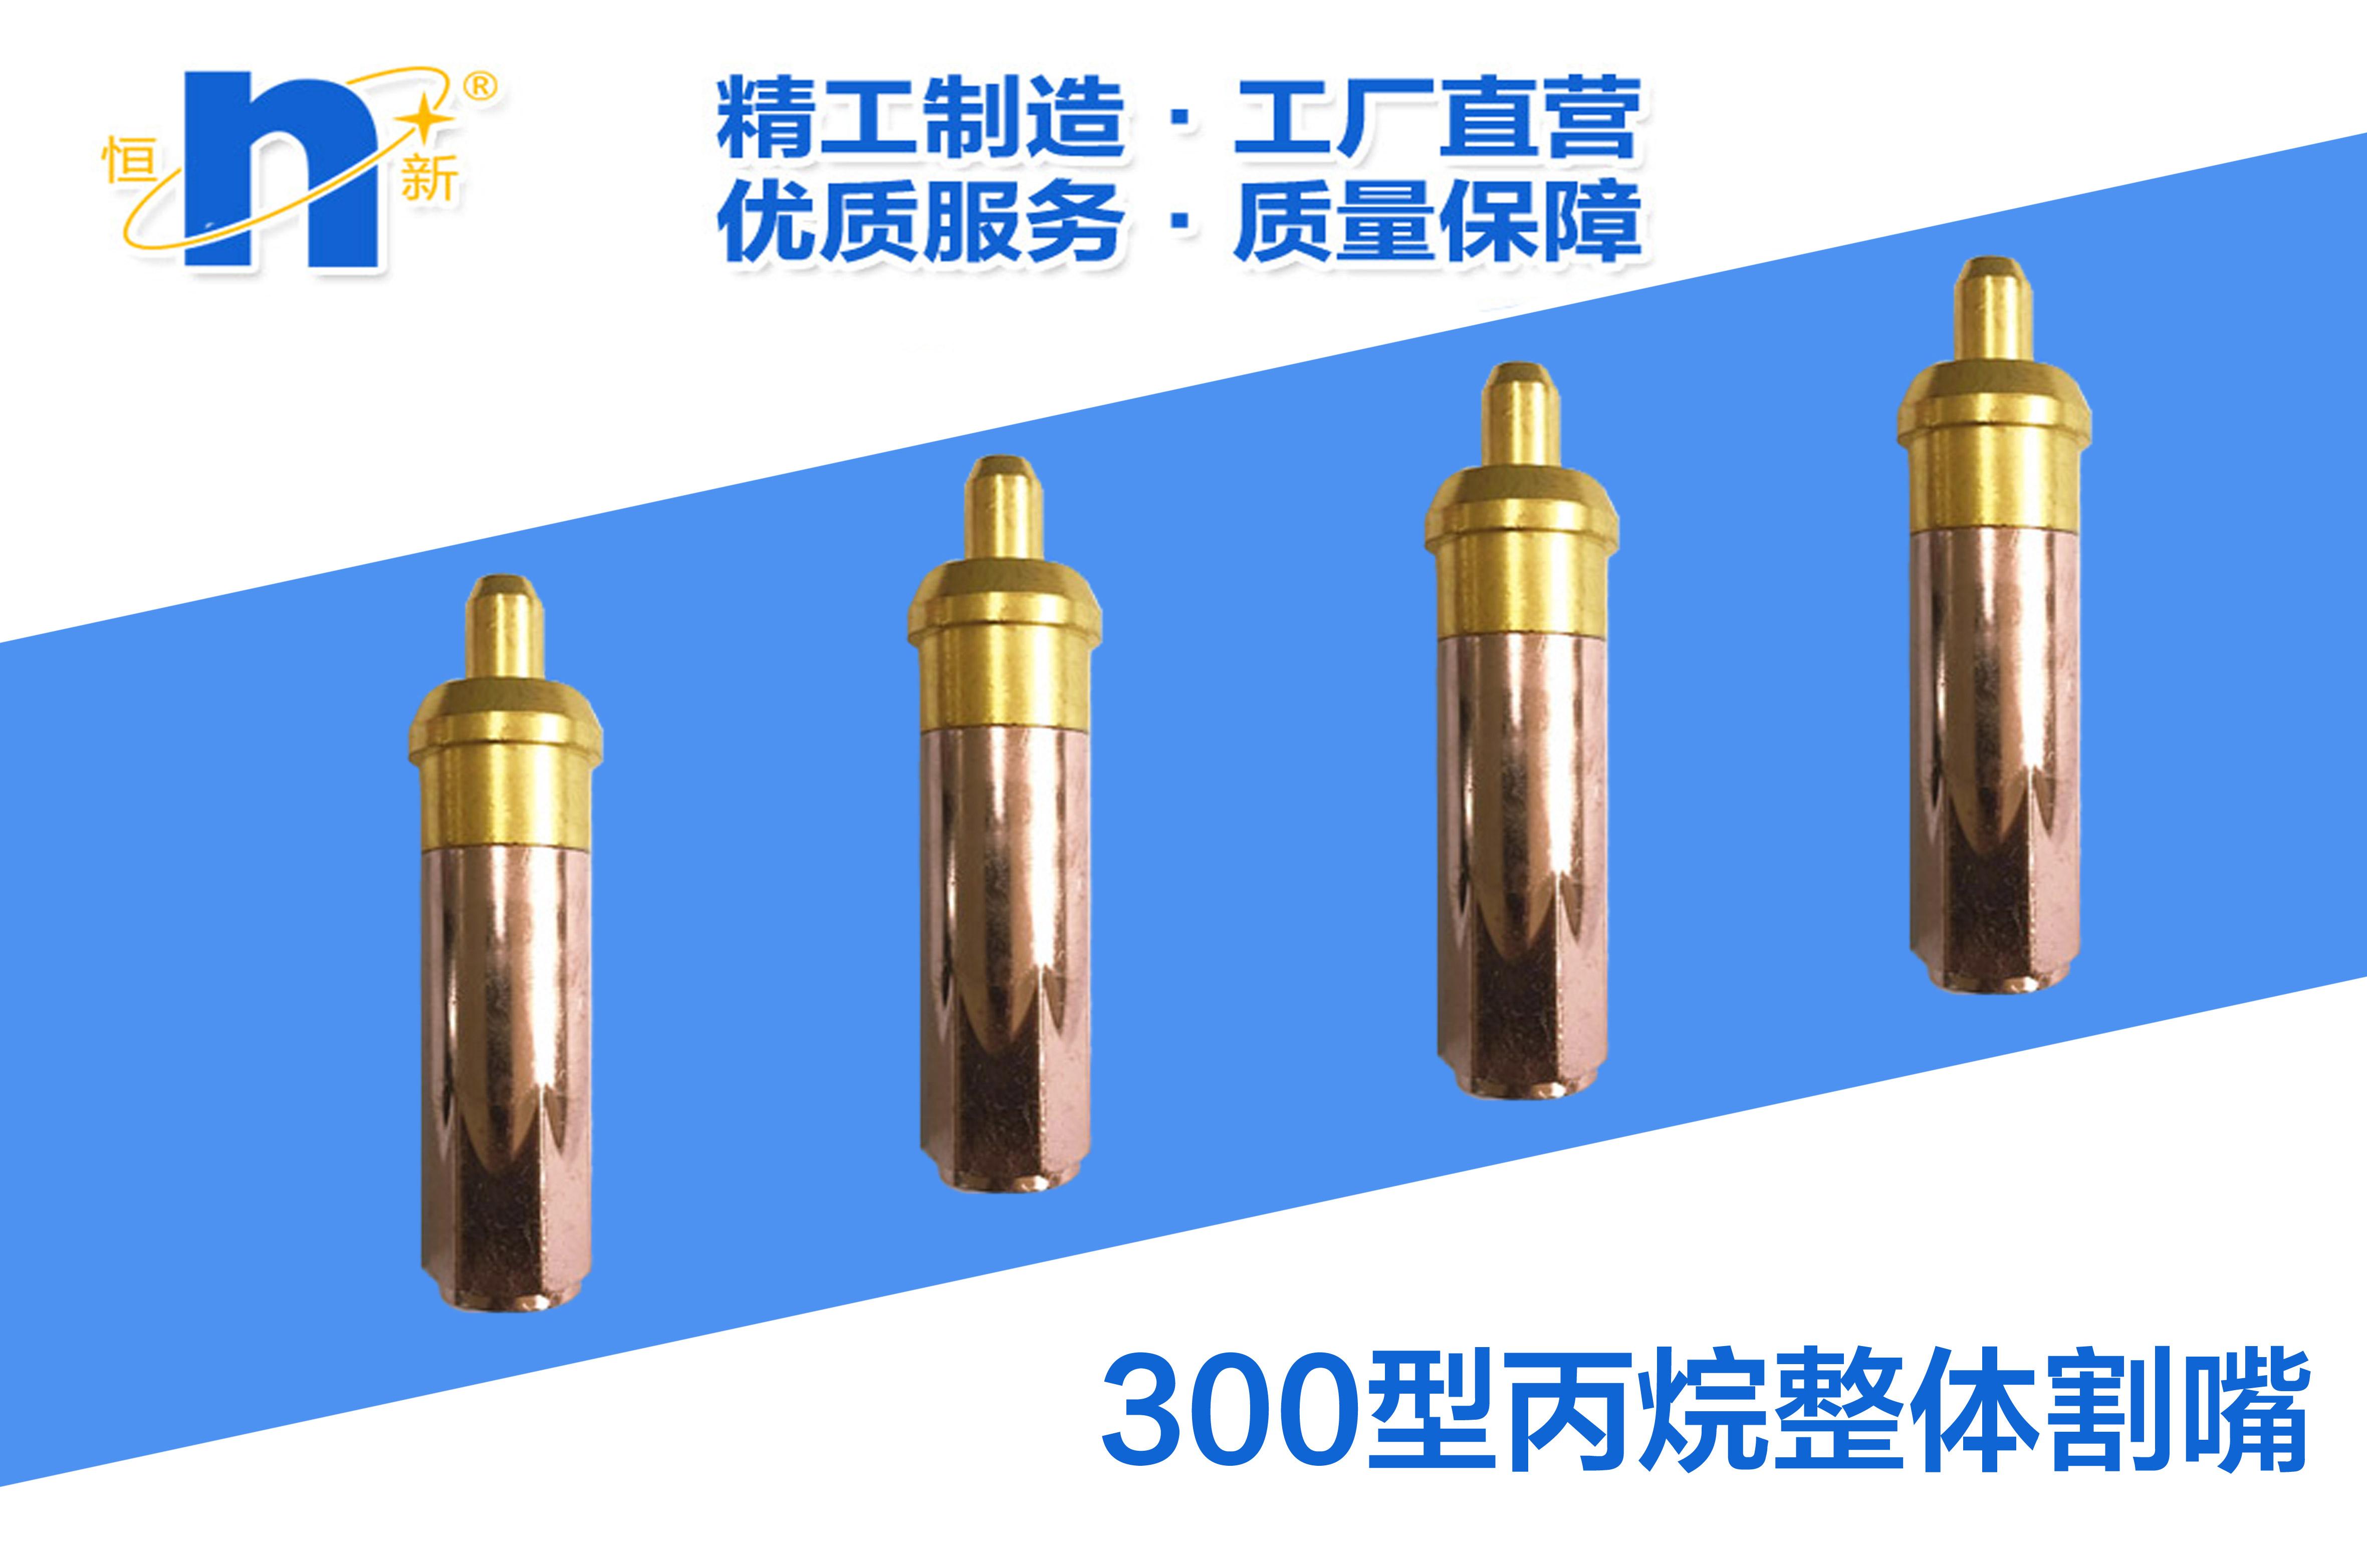 300型丙烷整体割嘴